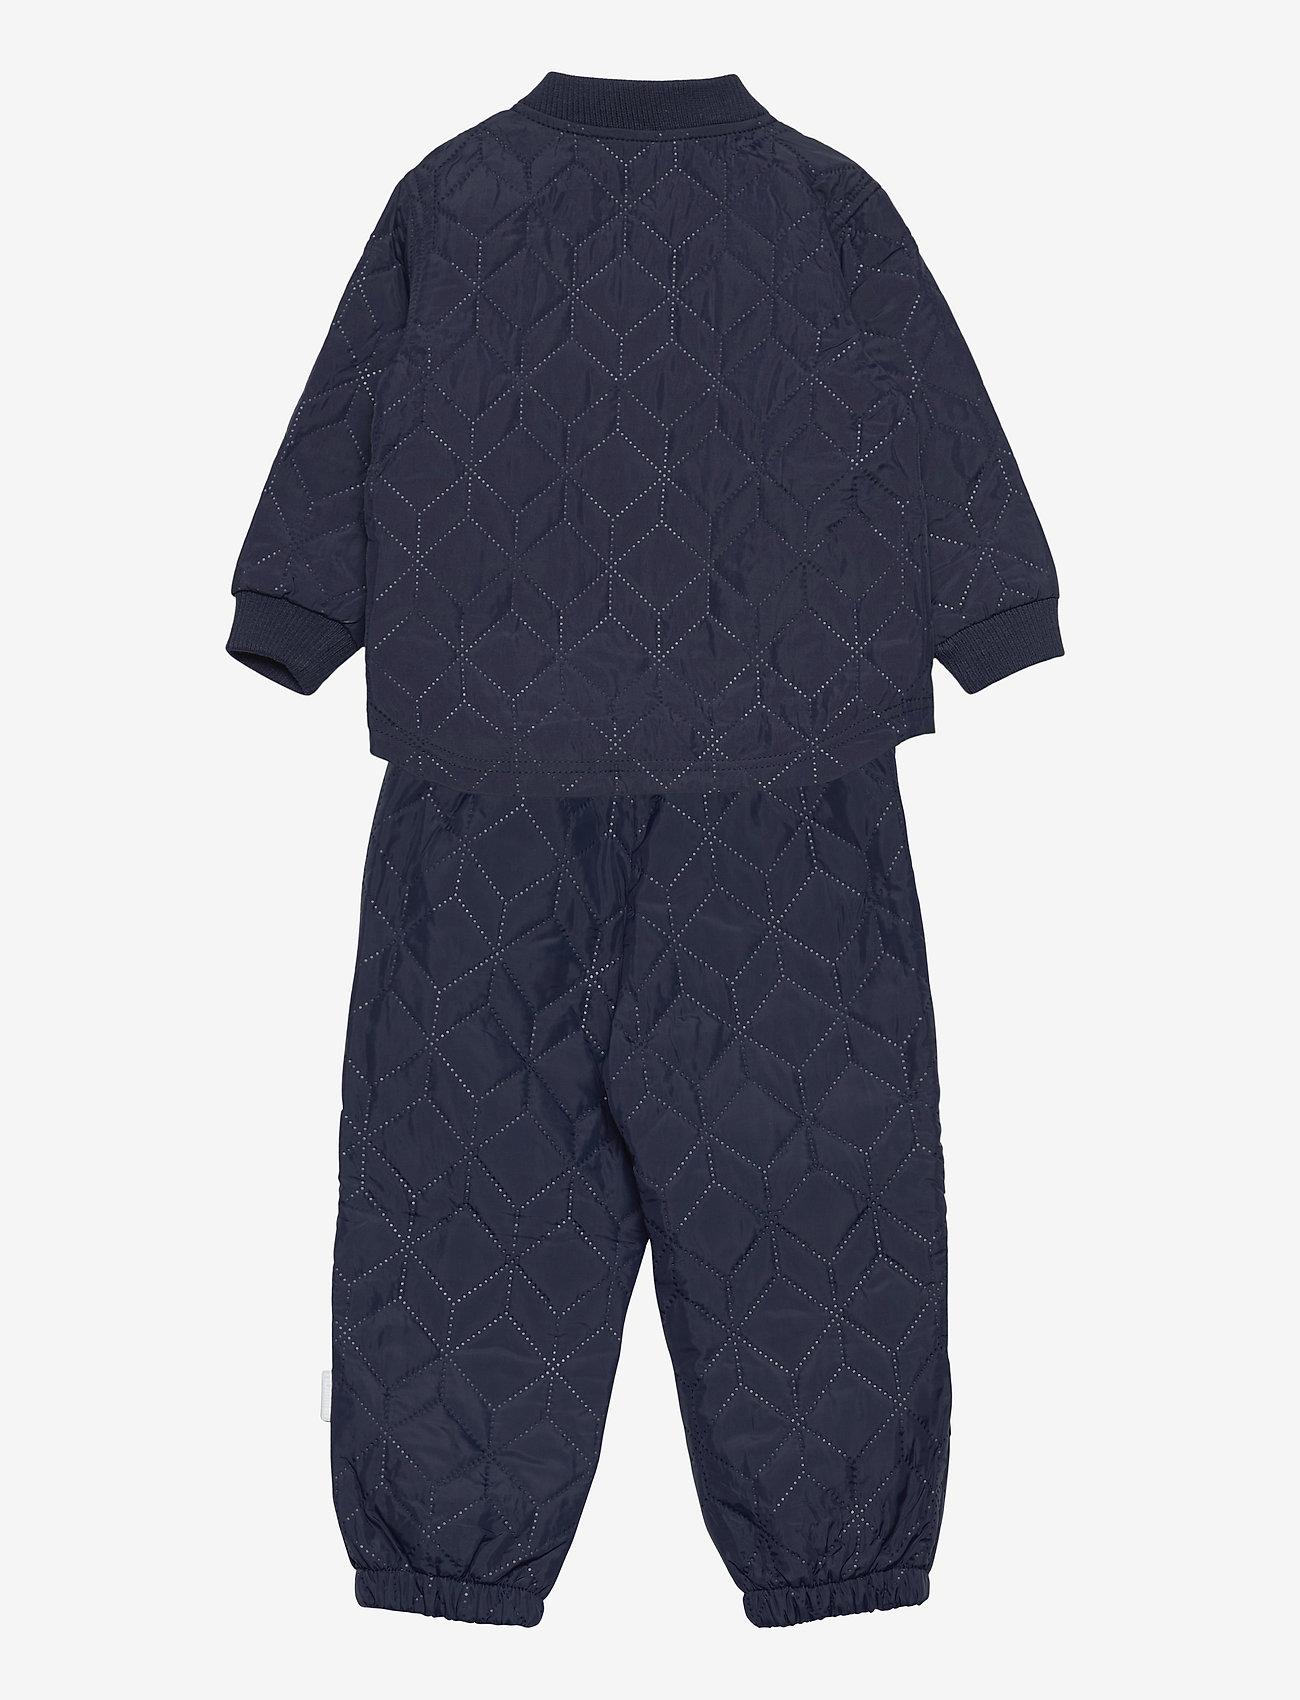 Hummel - hmlSOBI MINI THERMOSET - vêtements d'extérieur - black iris - 1